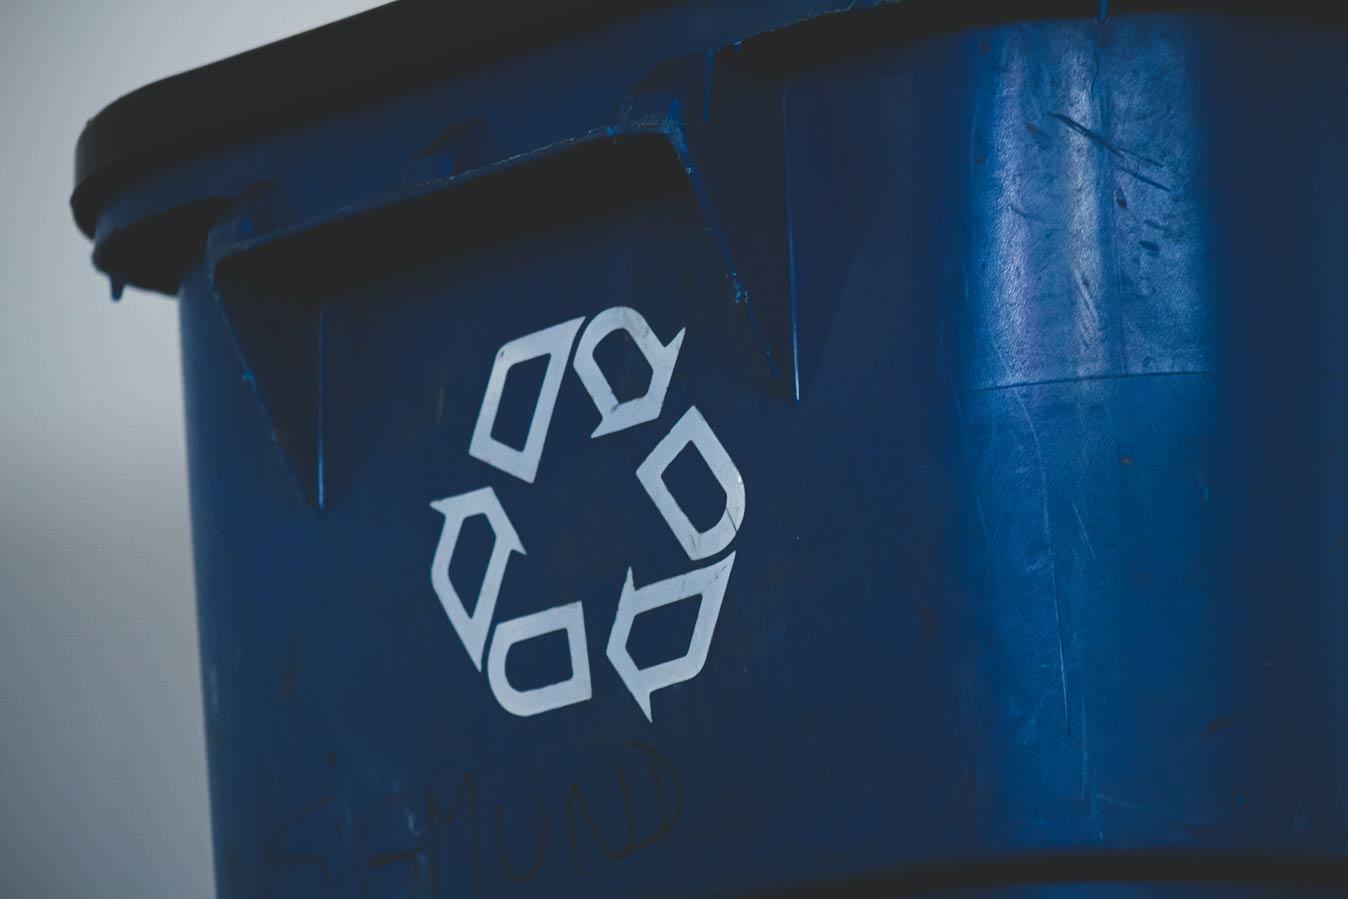 В Левене (Бельгия) установят умные мусорные баки